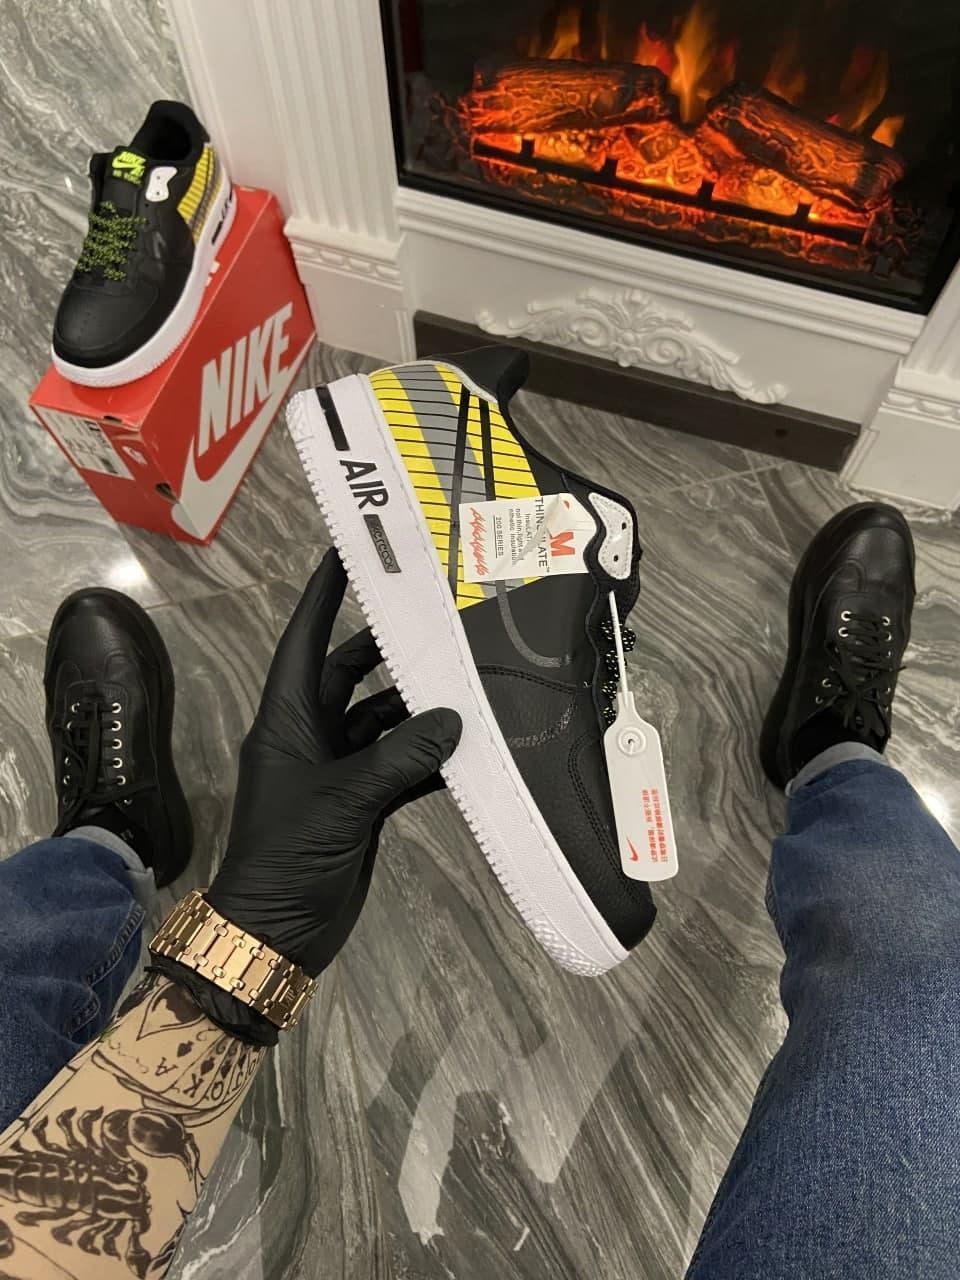 Кросівки Nike Air Force 1 React LX Release Information чоловічі, чорного кольору, Найк Аір Форс 41